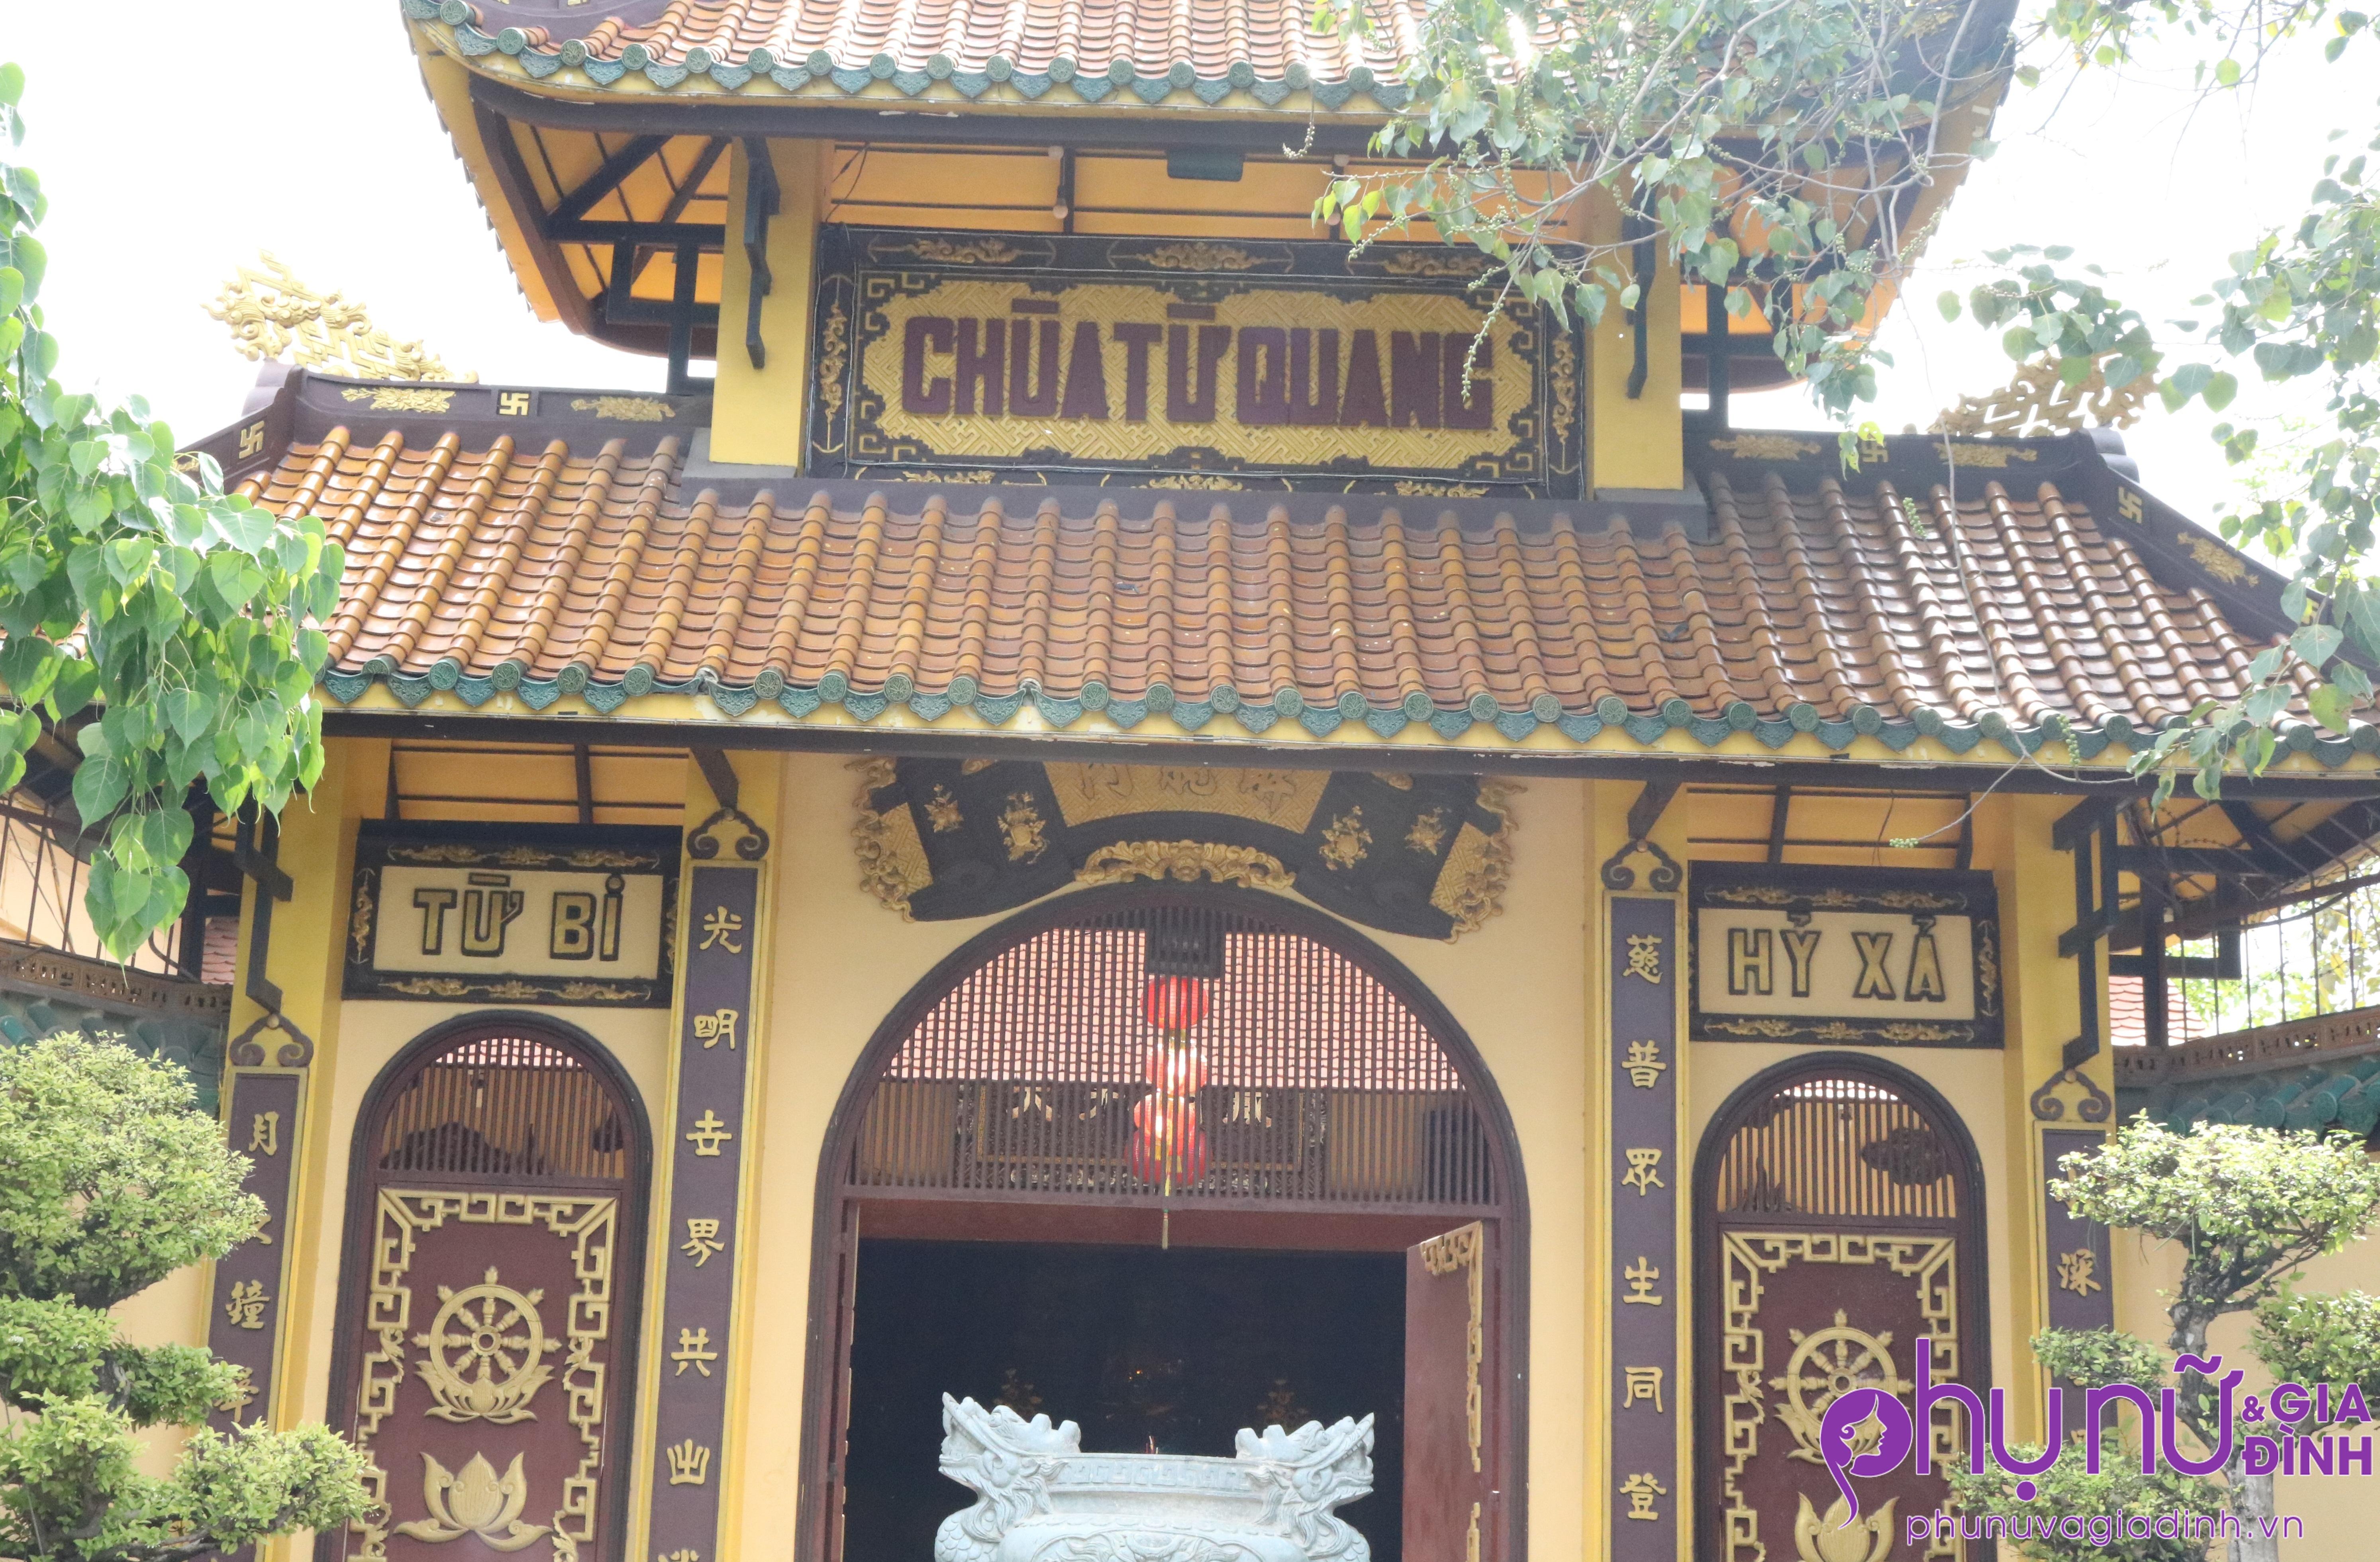 Có một ngôi chùa ở ngoại thành Sài Gòn nơi yên nghỉ của các hương linh thai nhi tứ xứ - Ảnh 1